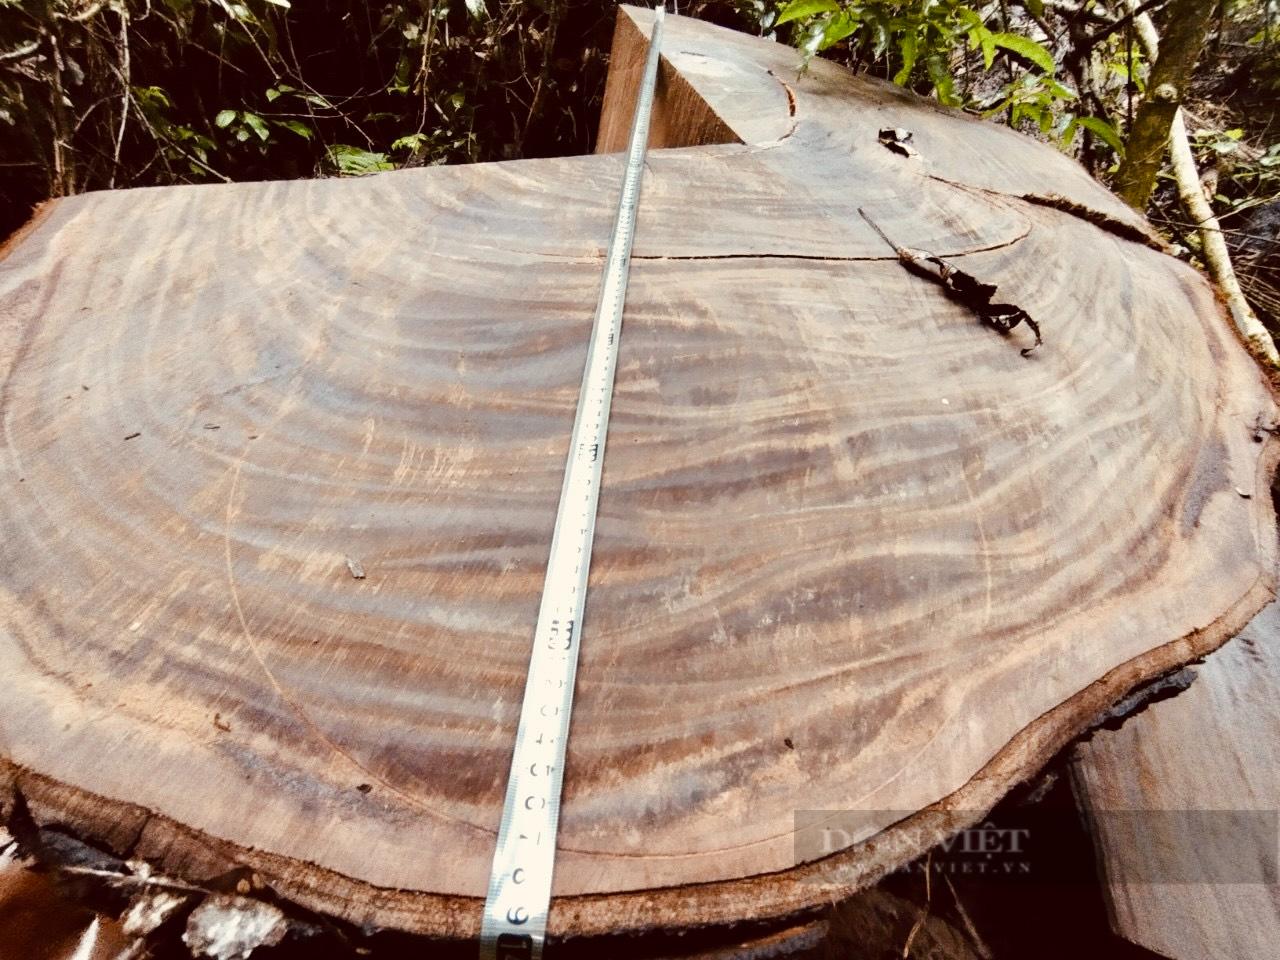 """Vụ phá rừng nghiến """"khủng"""" nhất Việt Nam: Hà Giang thừa nhận hơn 710m3 gỗ nghiến bị tàn phá trong rừng đặc dụng Du Già - Ảnh 4."""